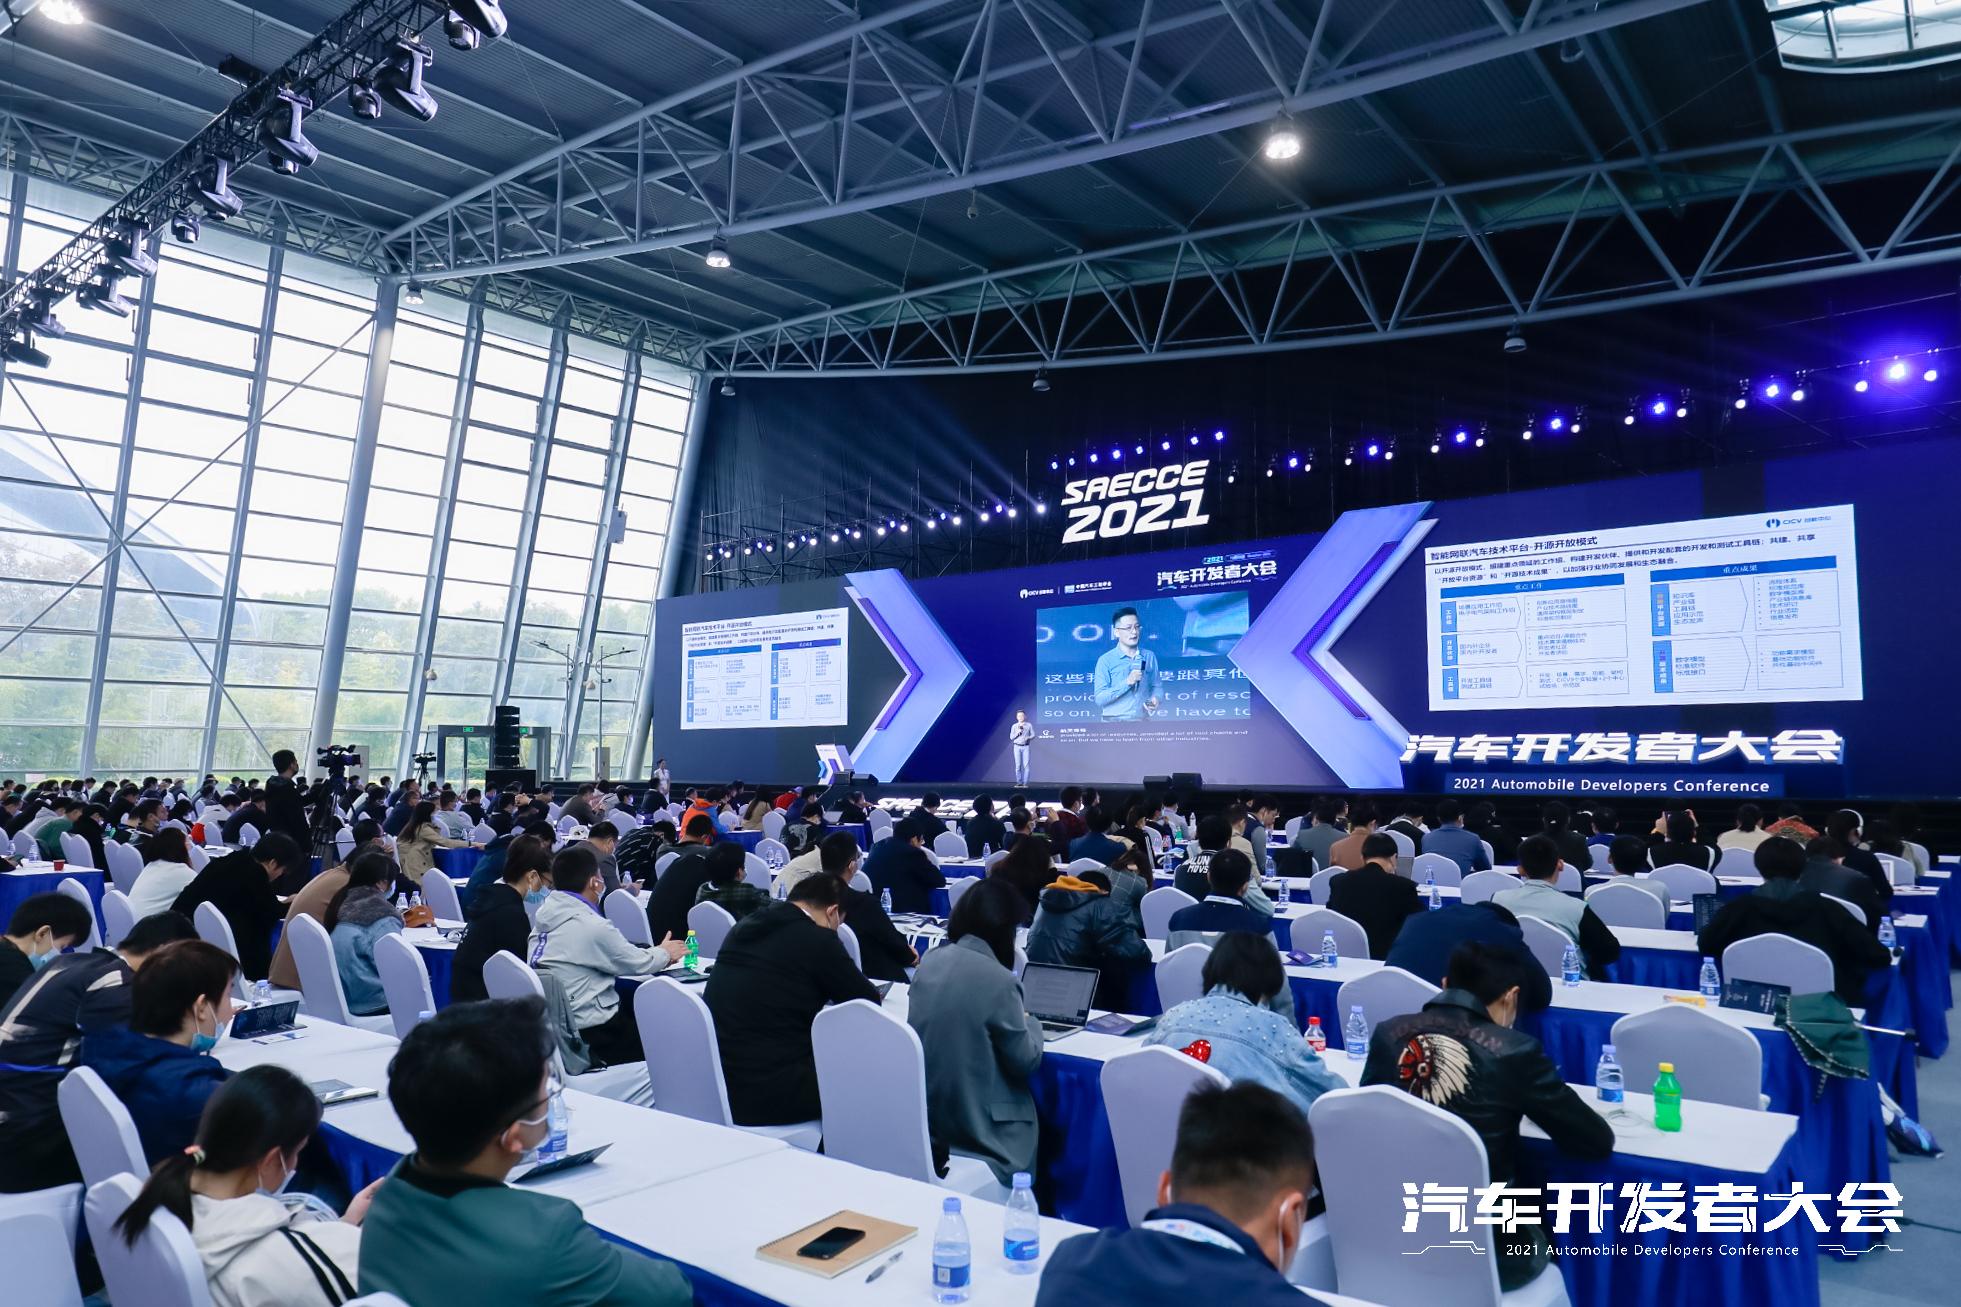 中国智能网联汽车技术平台正式发布